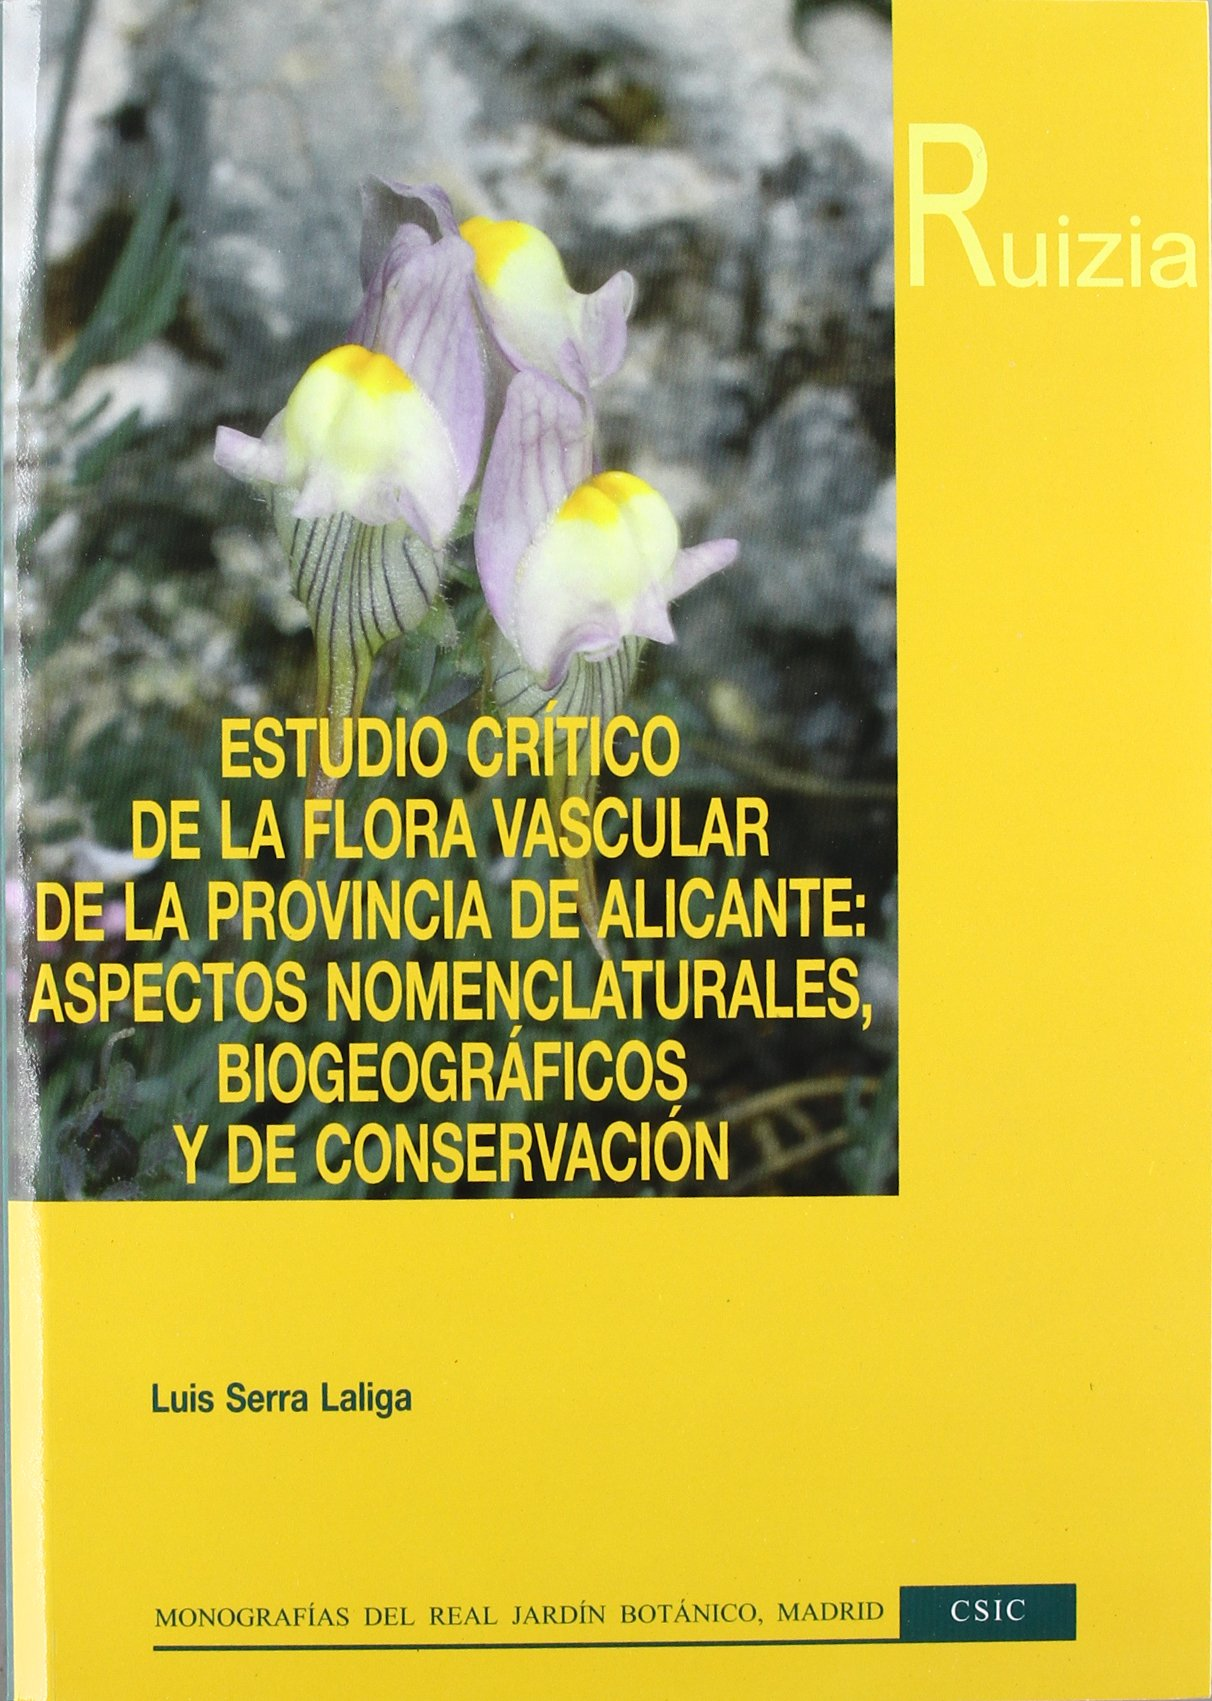 Estudio crítico de la flora vascular de la provincia de Alicante Monografías del Real Jardín Botánico Ruizia: Amazon.es: Serra Laliga, Luis: Libros